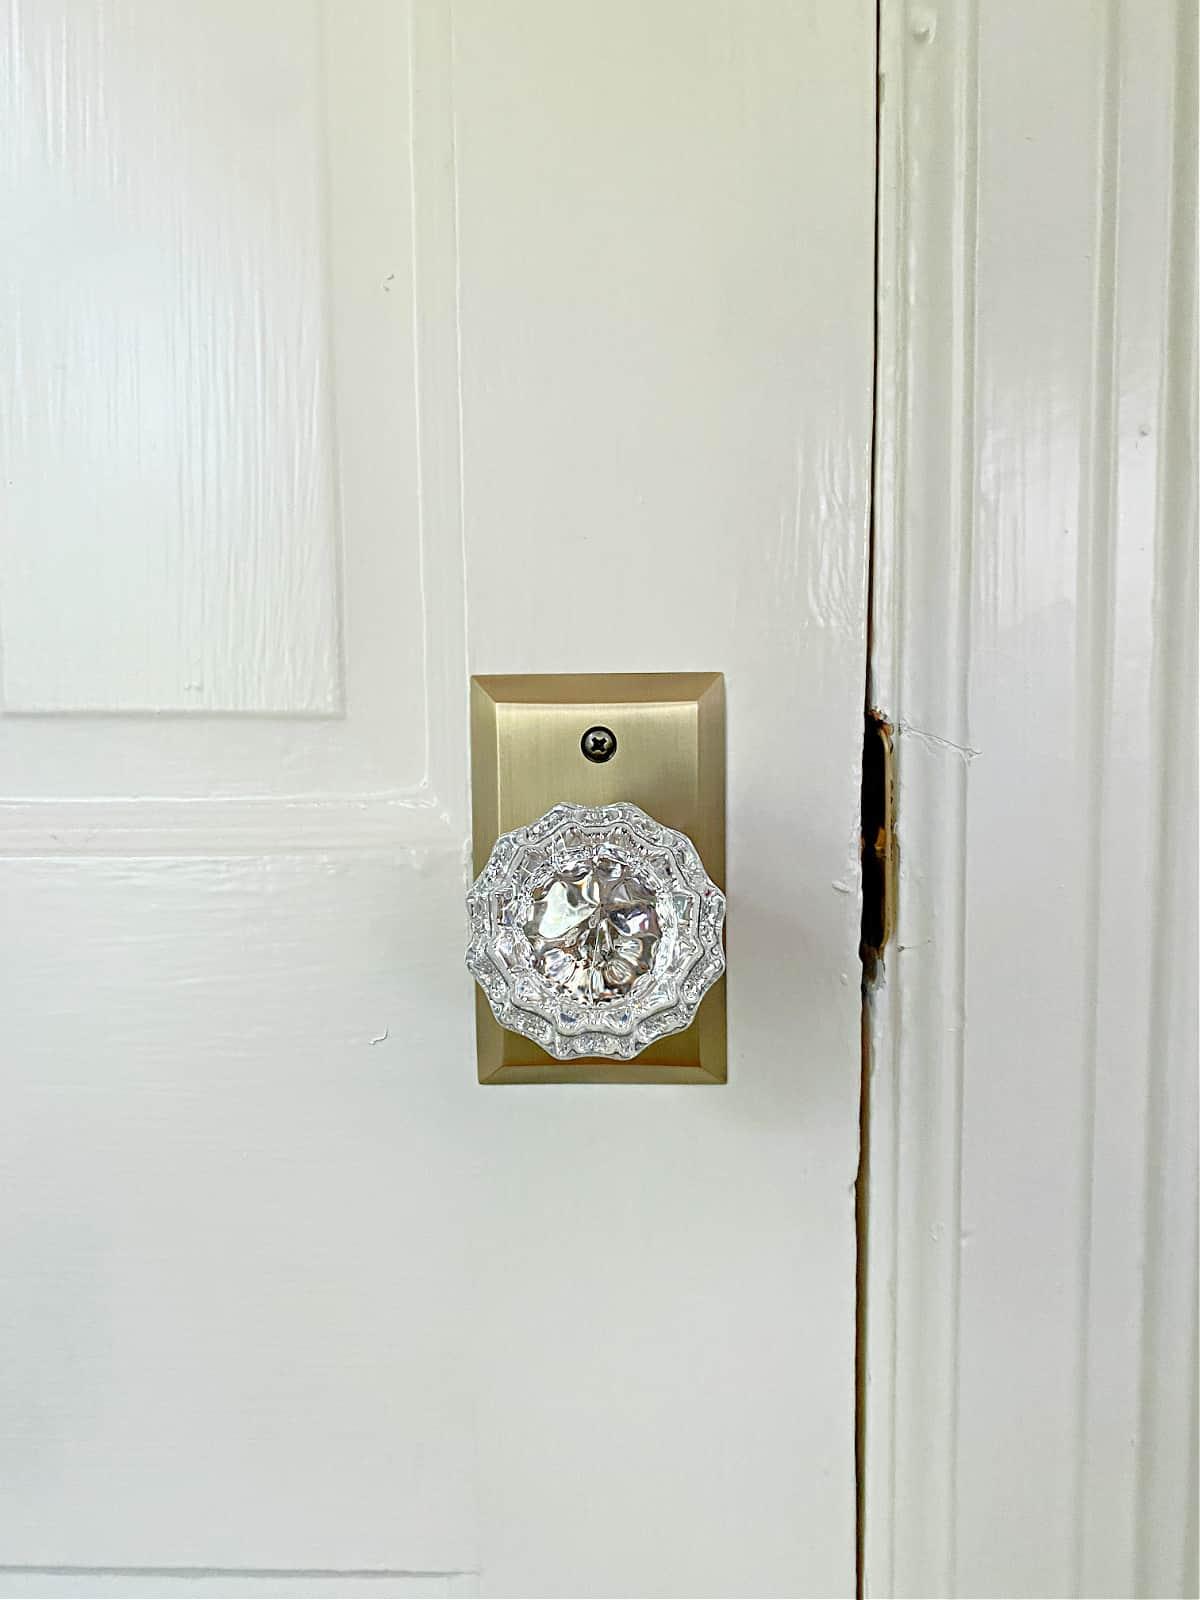 new glass door knobs on bedroom closet door